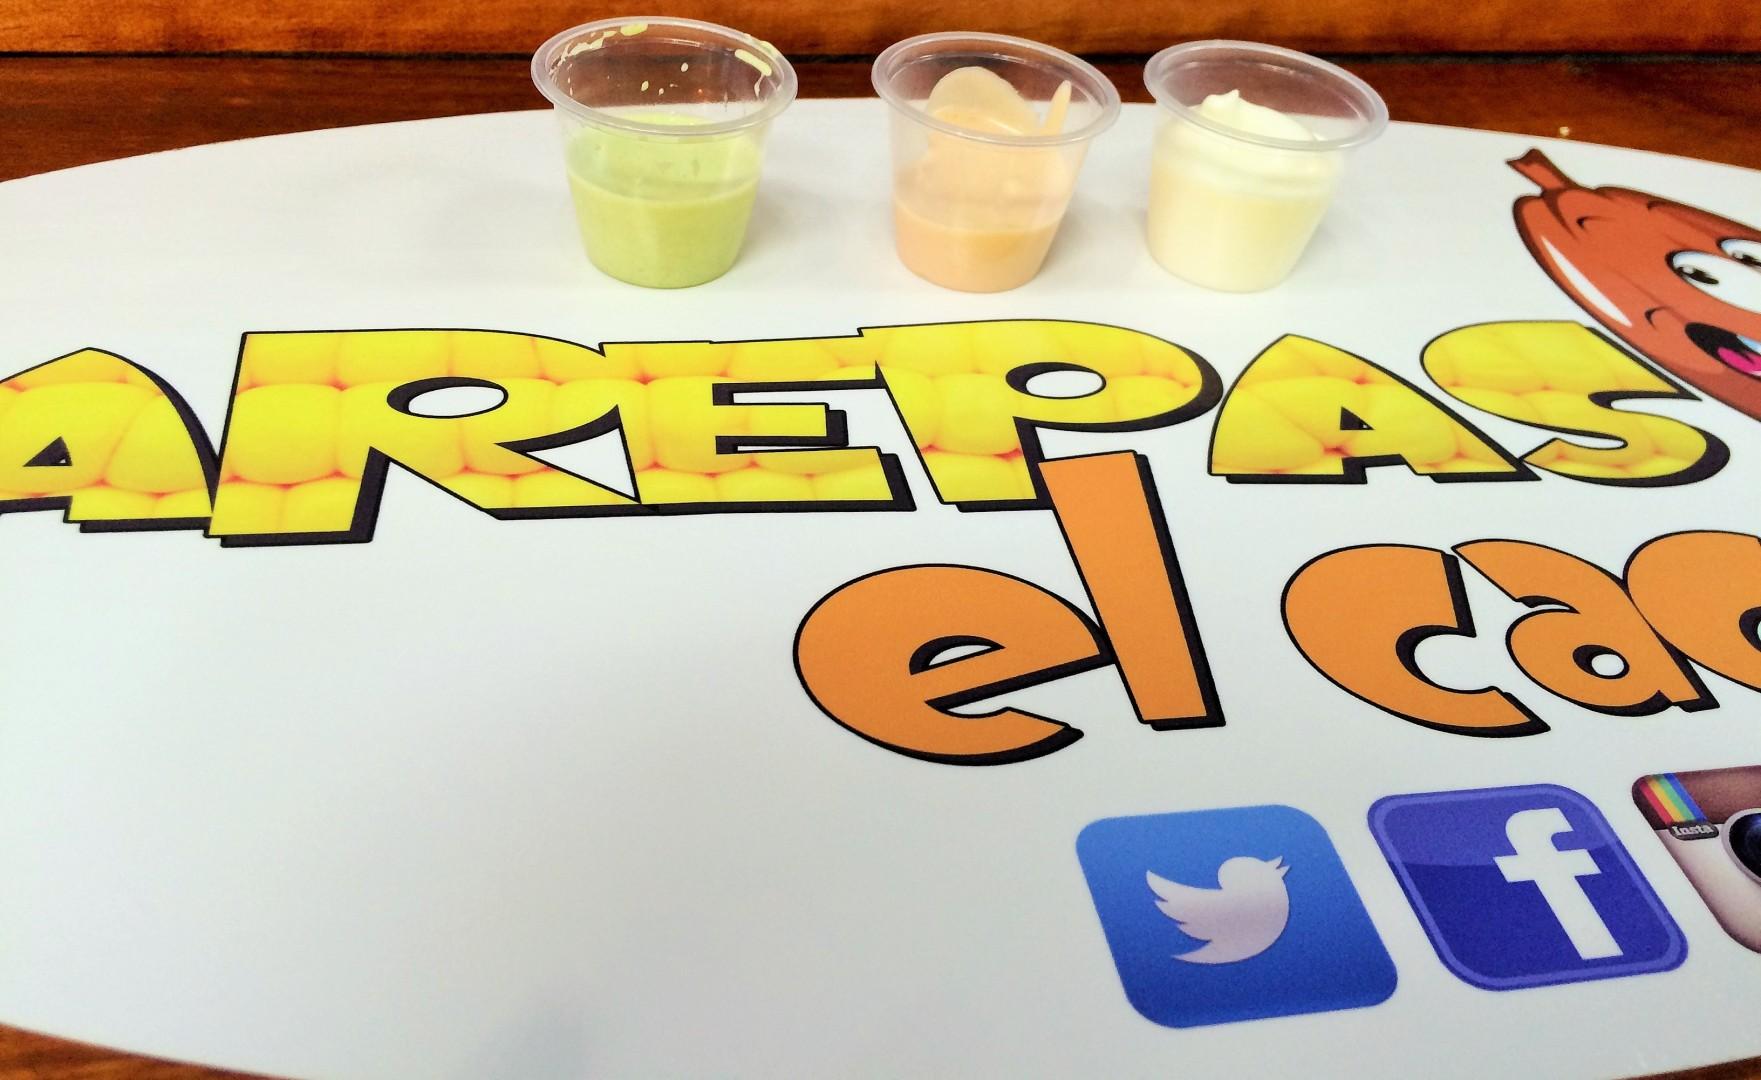 Arepas El Cacao for Venezuelan street foods in Orlando